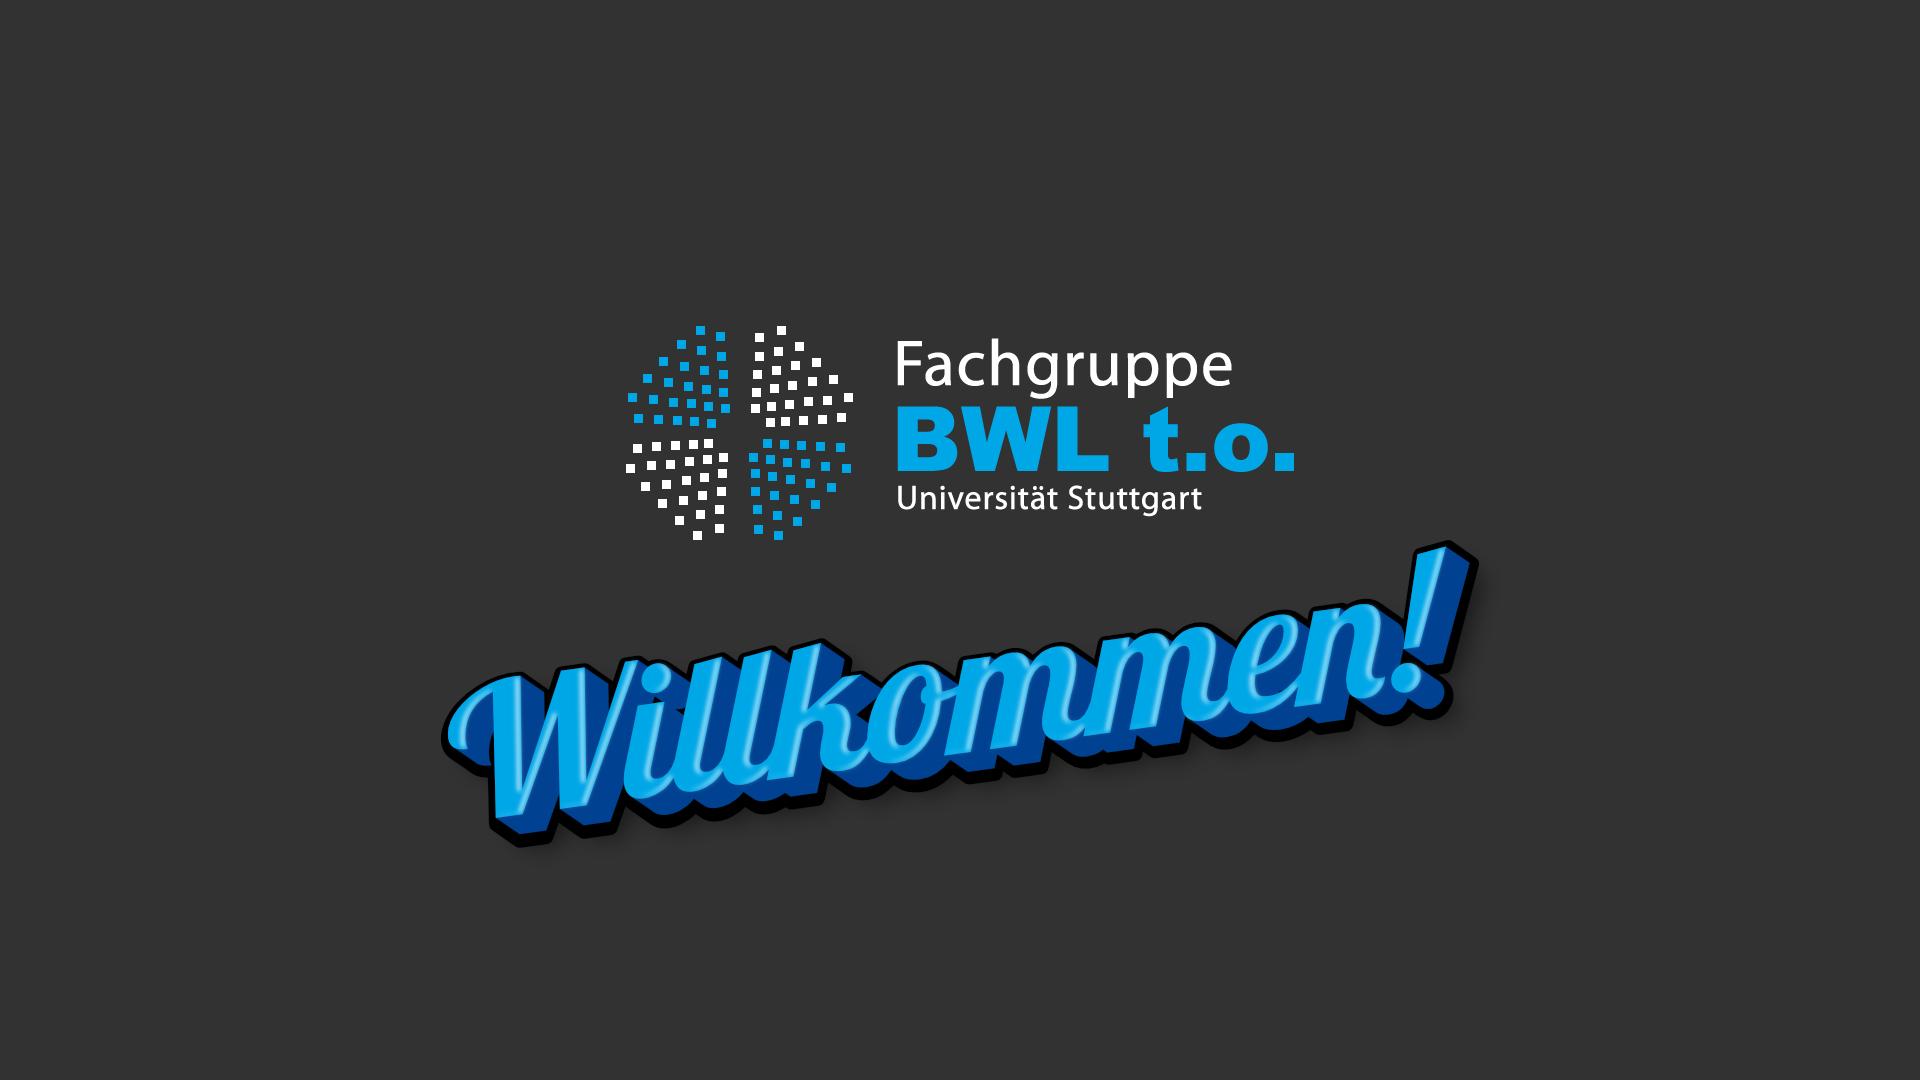 Bwl Uni Stuttgart